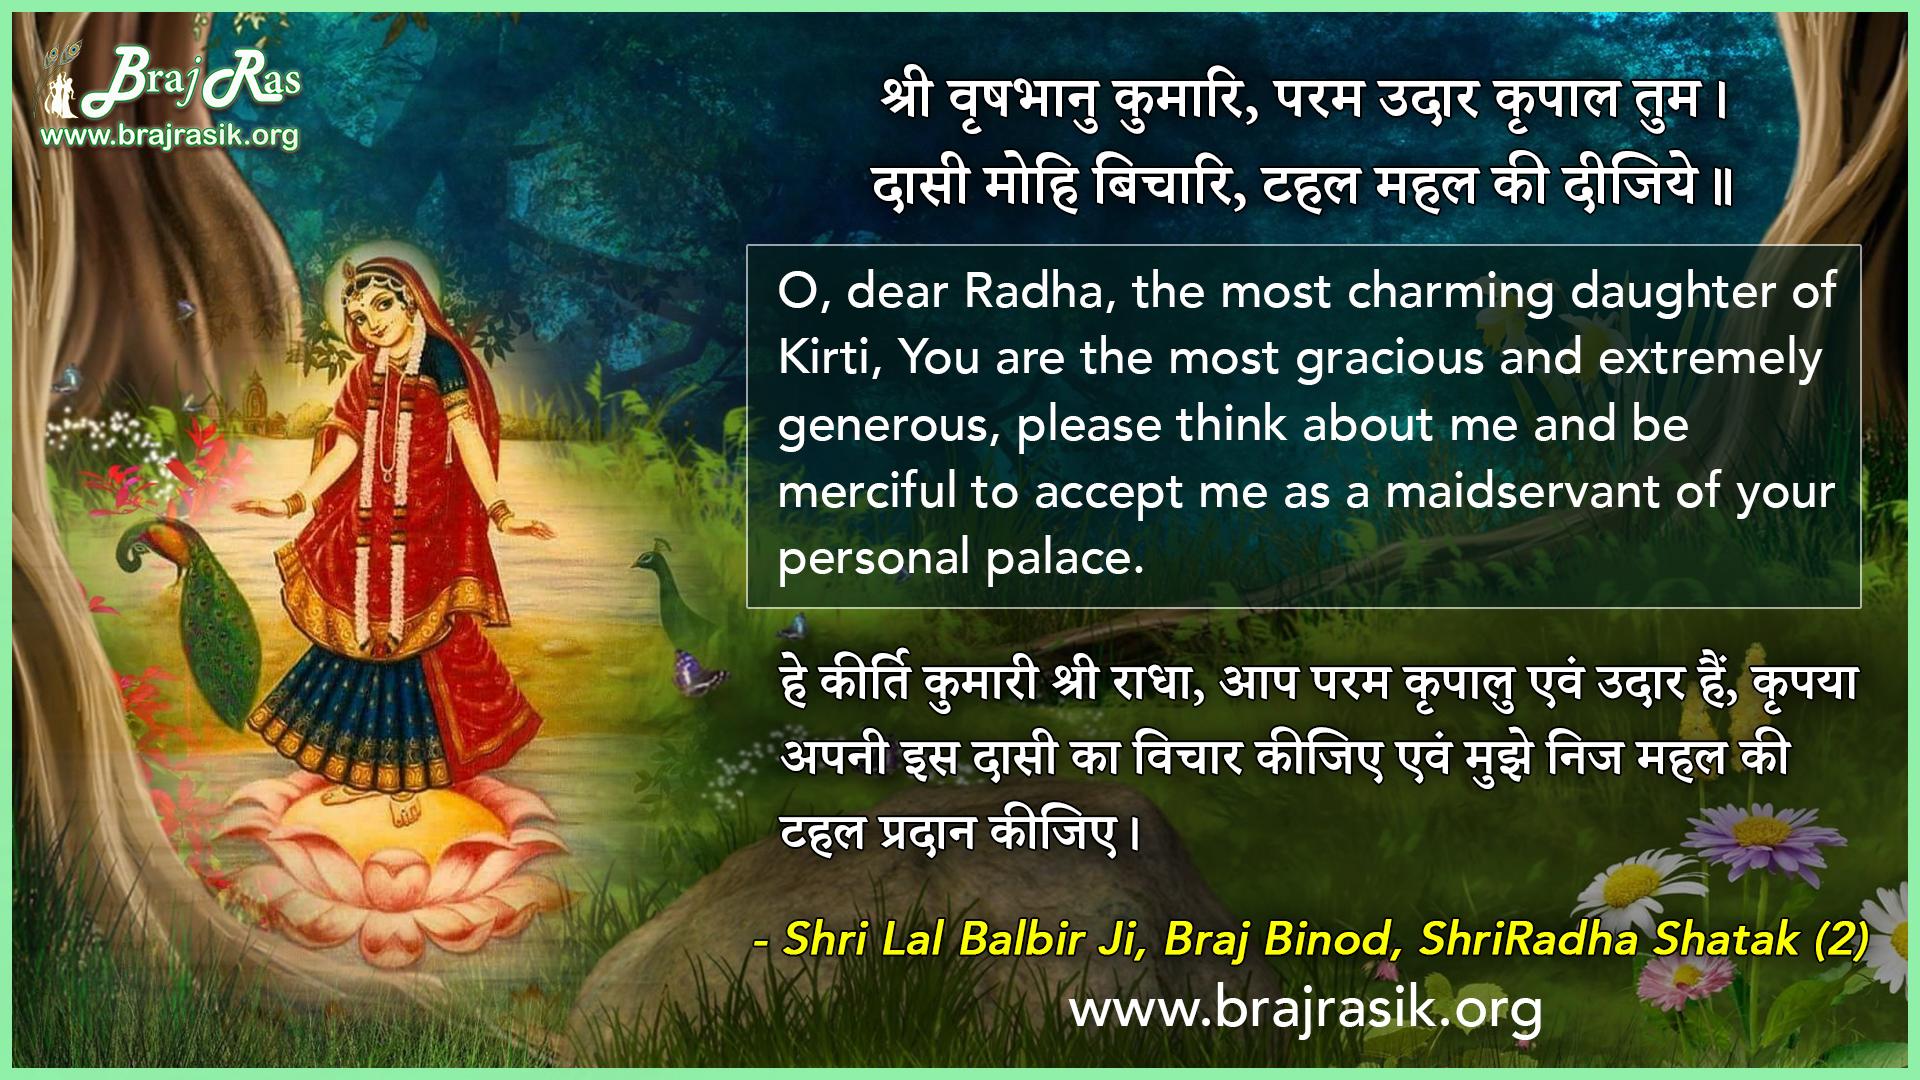 Shri Vrishbanu Kumari, Param Udar Kripal Tum - Shri Lal Balbir Ji, Braj Binod, ShriRadha Shatak (2)